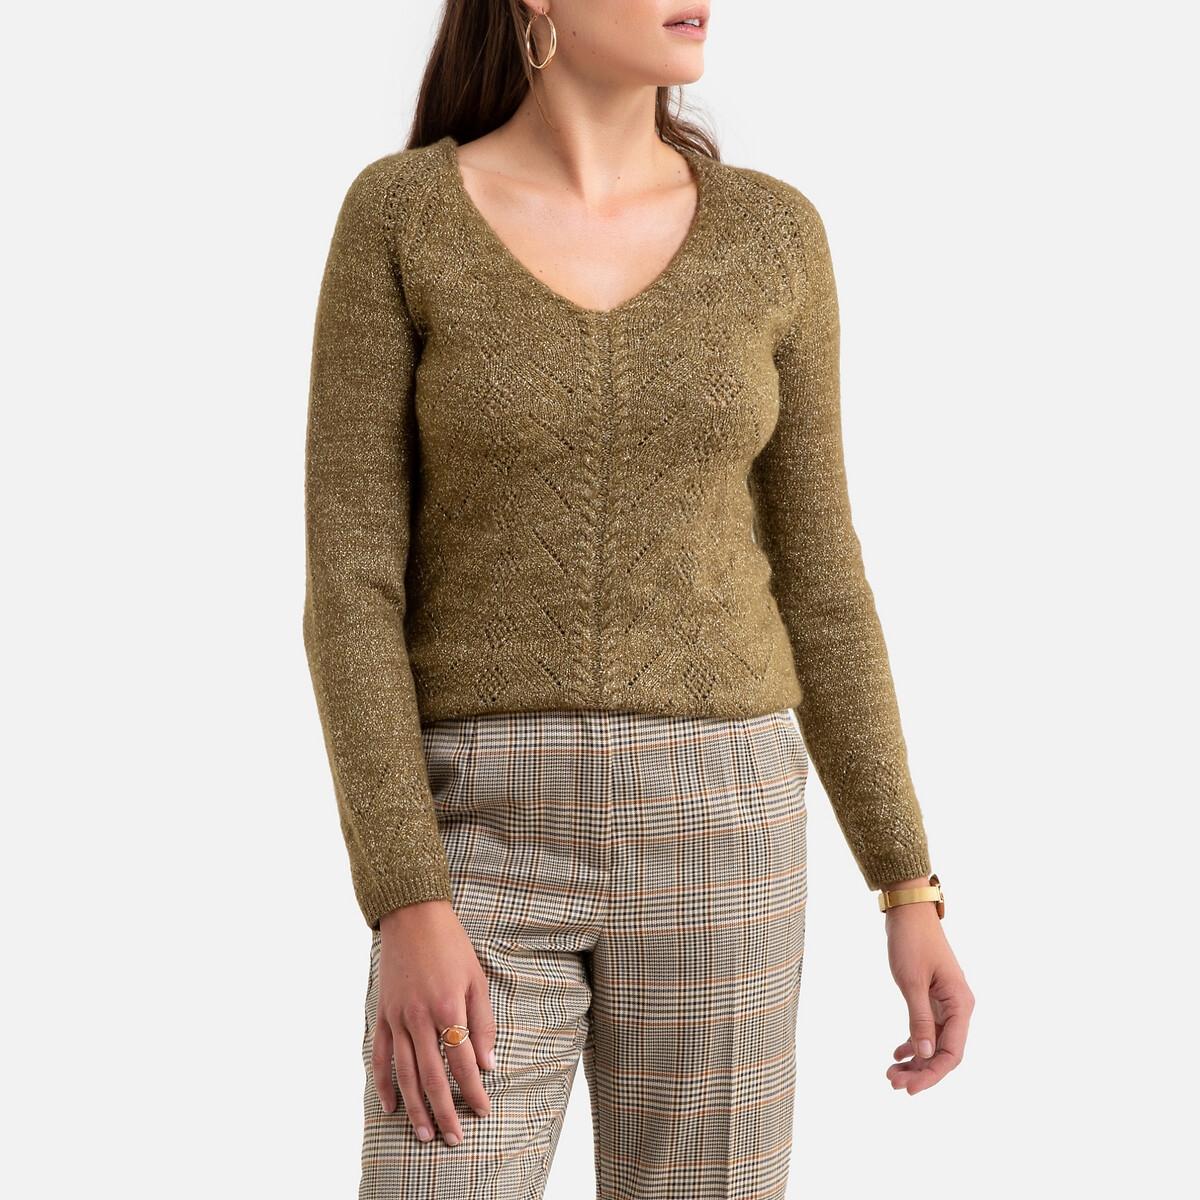 Фото - Пуловер La Redoute С V-образным вырезом из тонкого блестящего трикотажа 50/52 (FR) - 56/58 (RUS) зеленый пуловер la redoute с v образным вырезом из тонкого трикотажа florestine 2 m серый